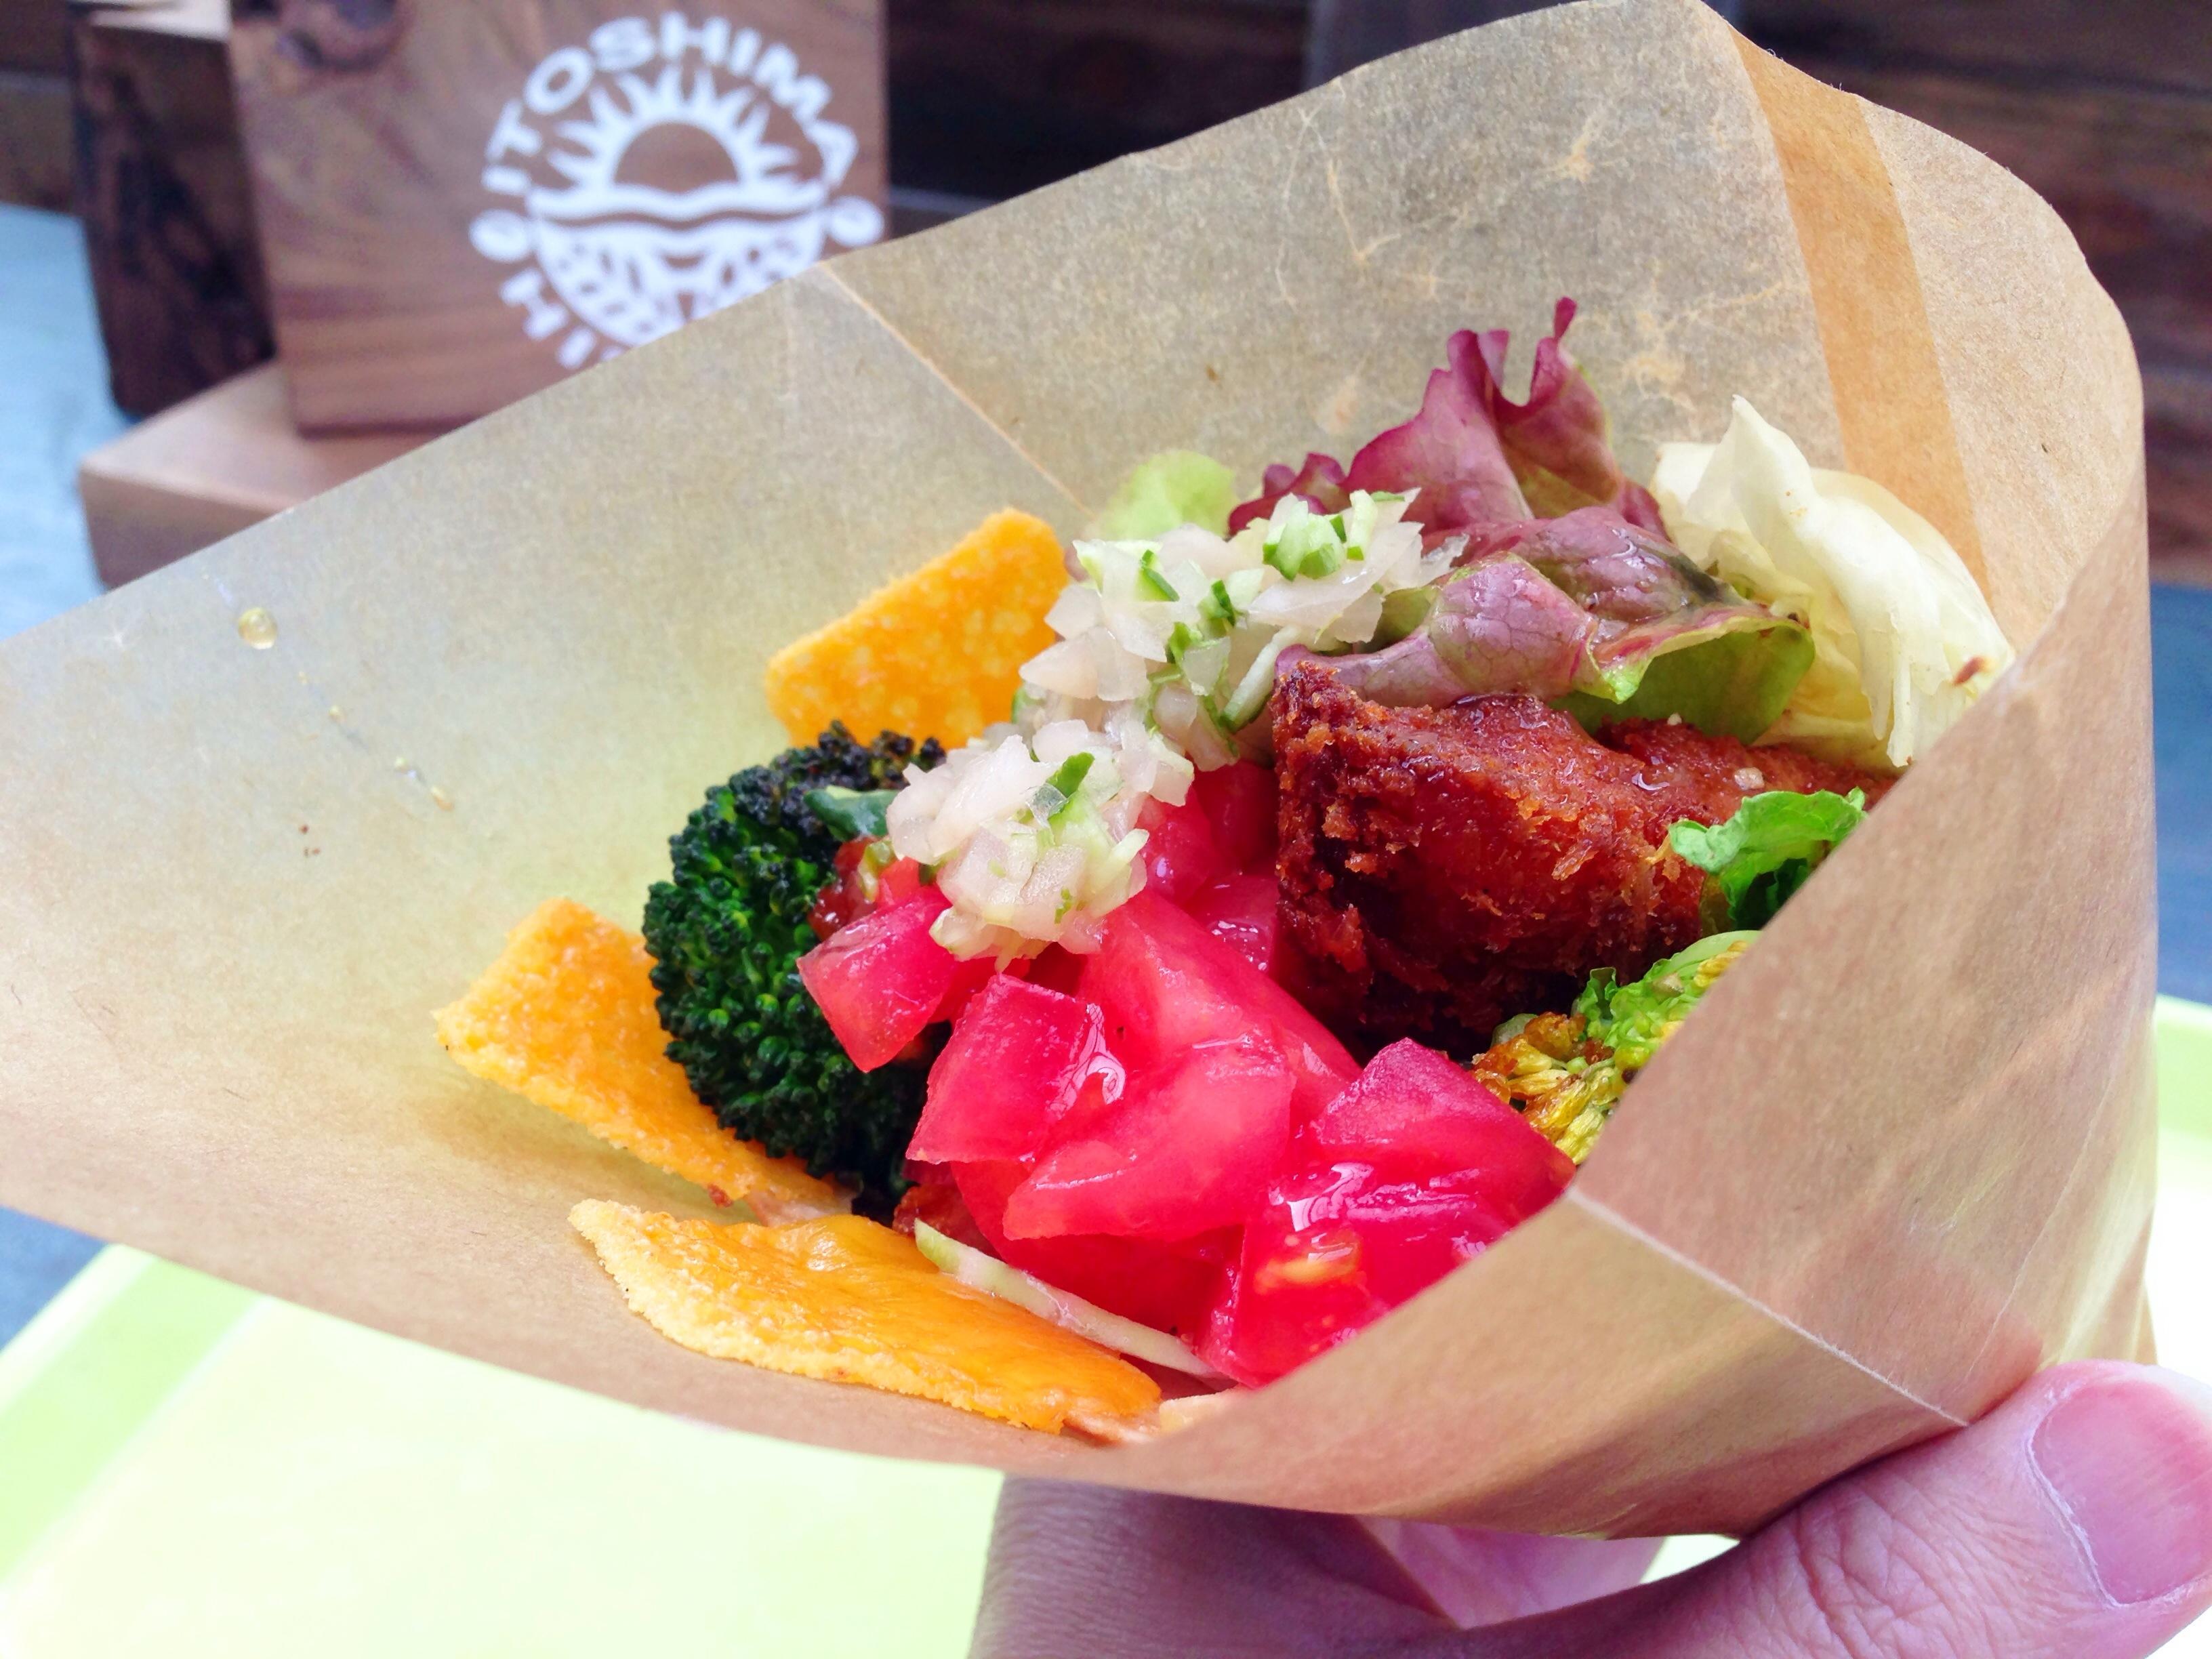 【糸島】ヘルシーな野菜たっぷりの手づくりタコスに大満足!美味しく野菜をいただこう!「mobile kitchen HINODE」